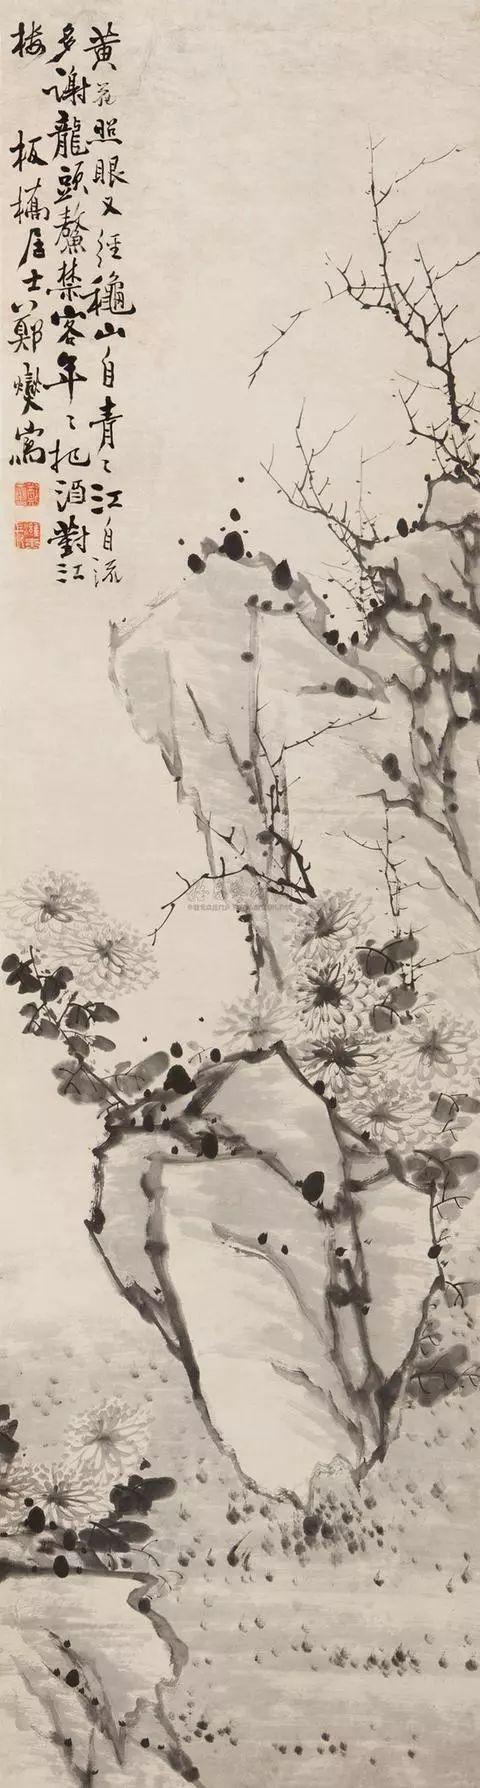 清 郑燮绘画作品欣赏